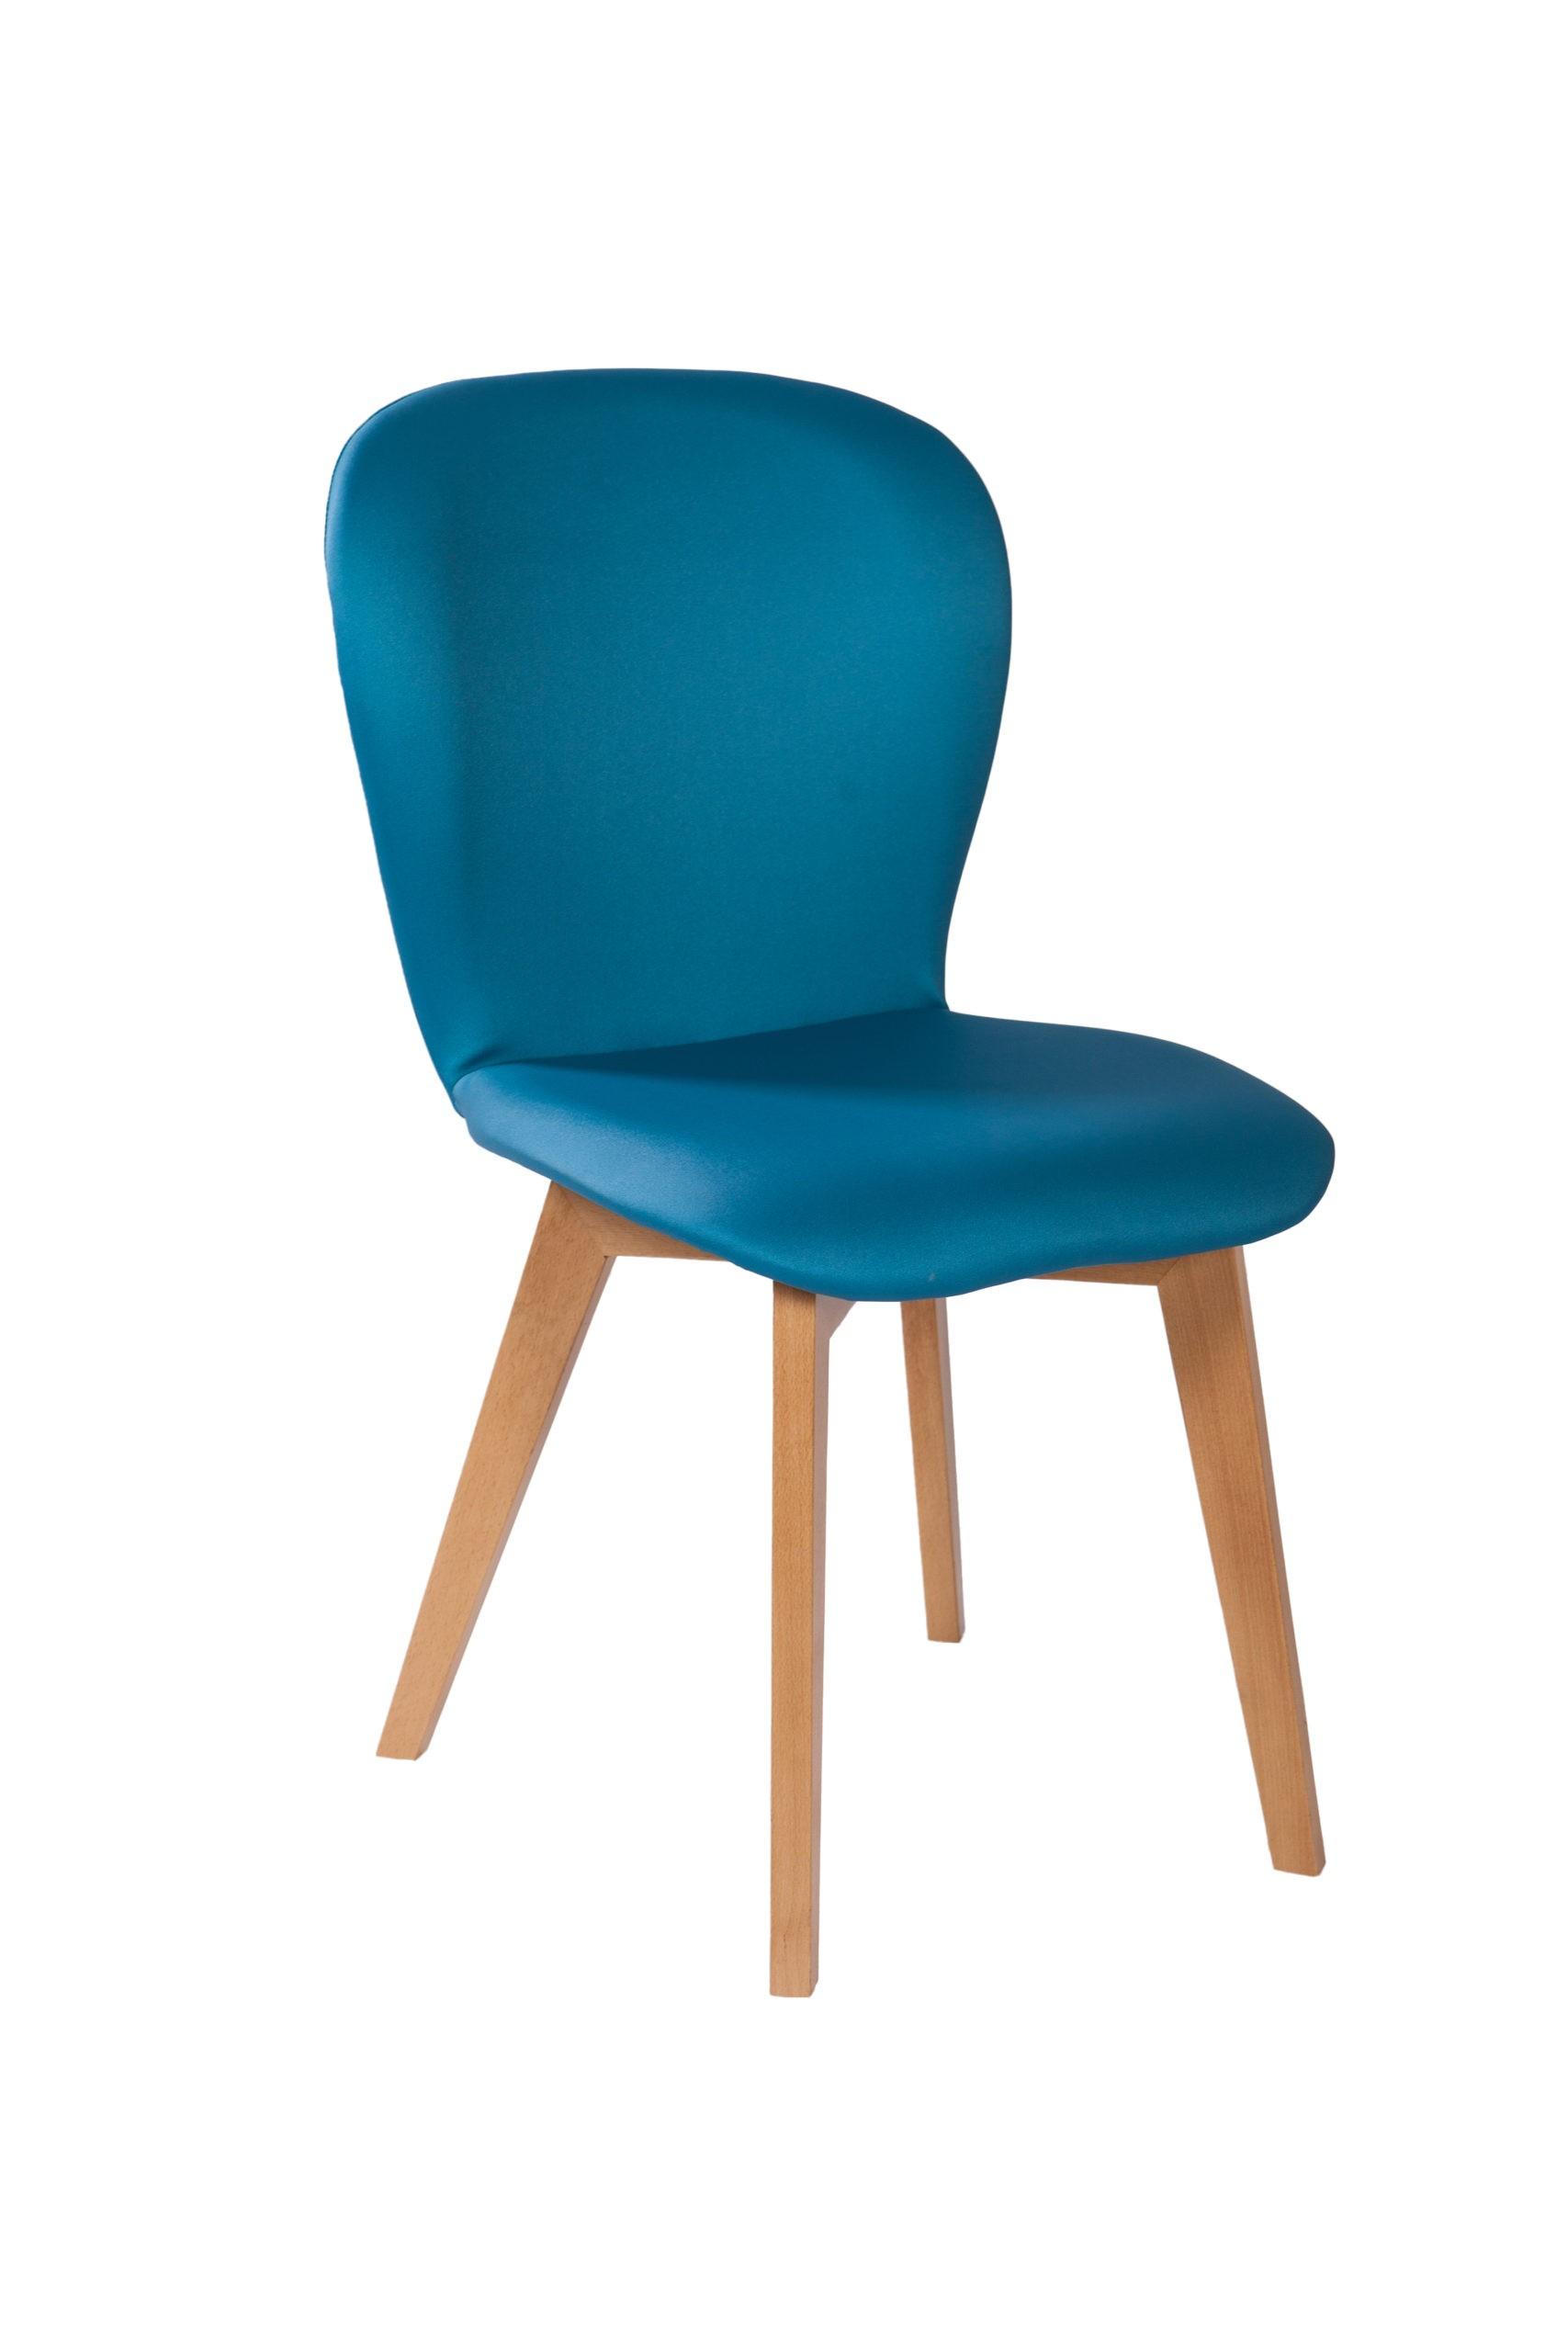 Designerskie krzesło tapicerowane KT 35 na krzyżowym stelażu drewnianym